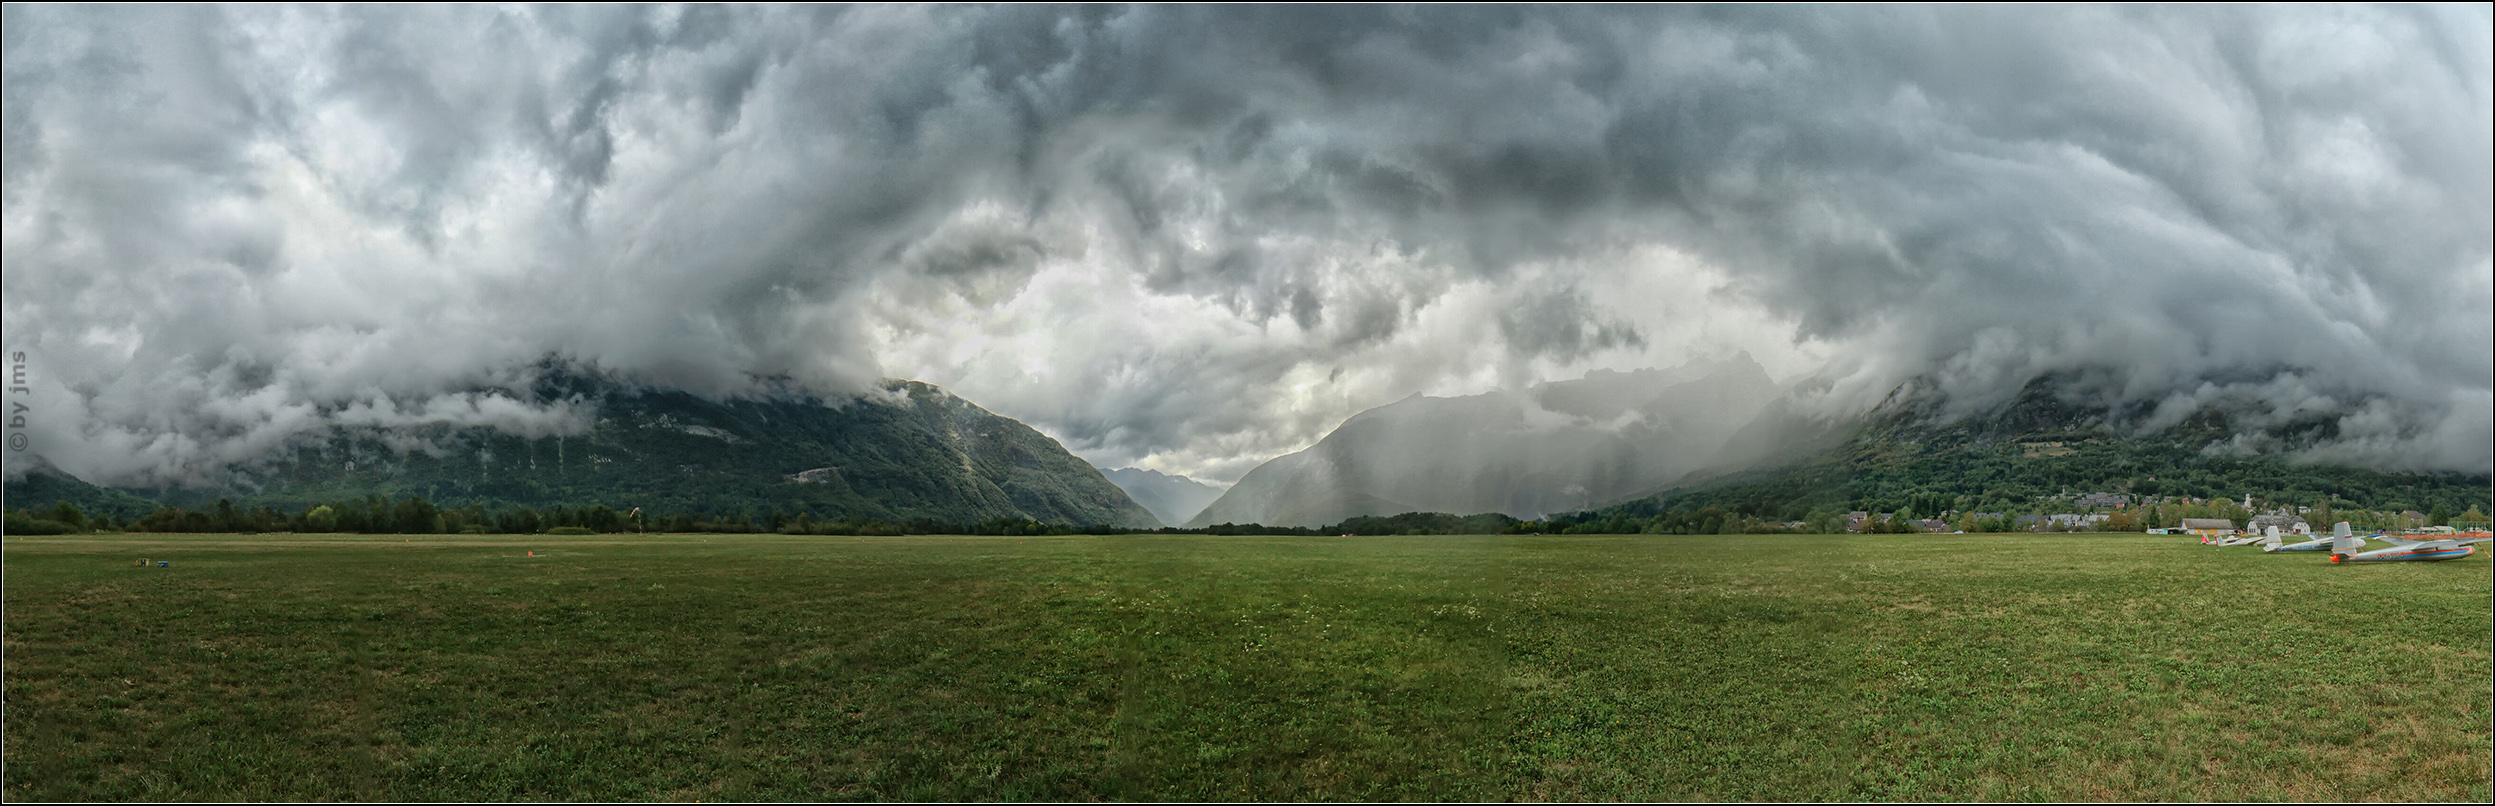 Panorama Gewitter